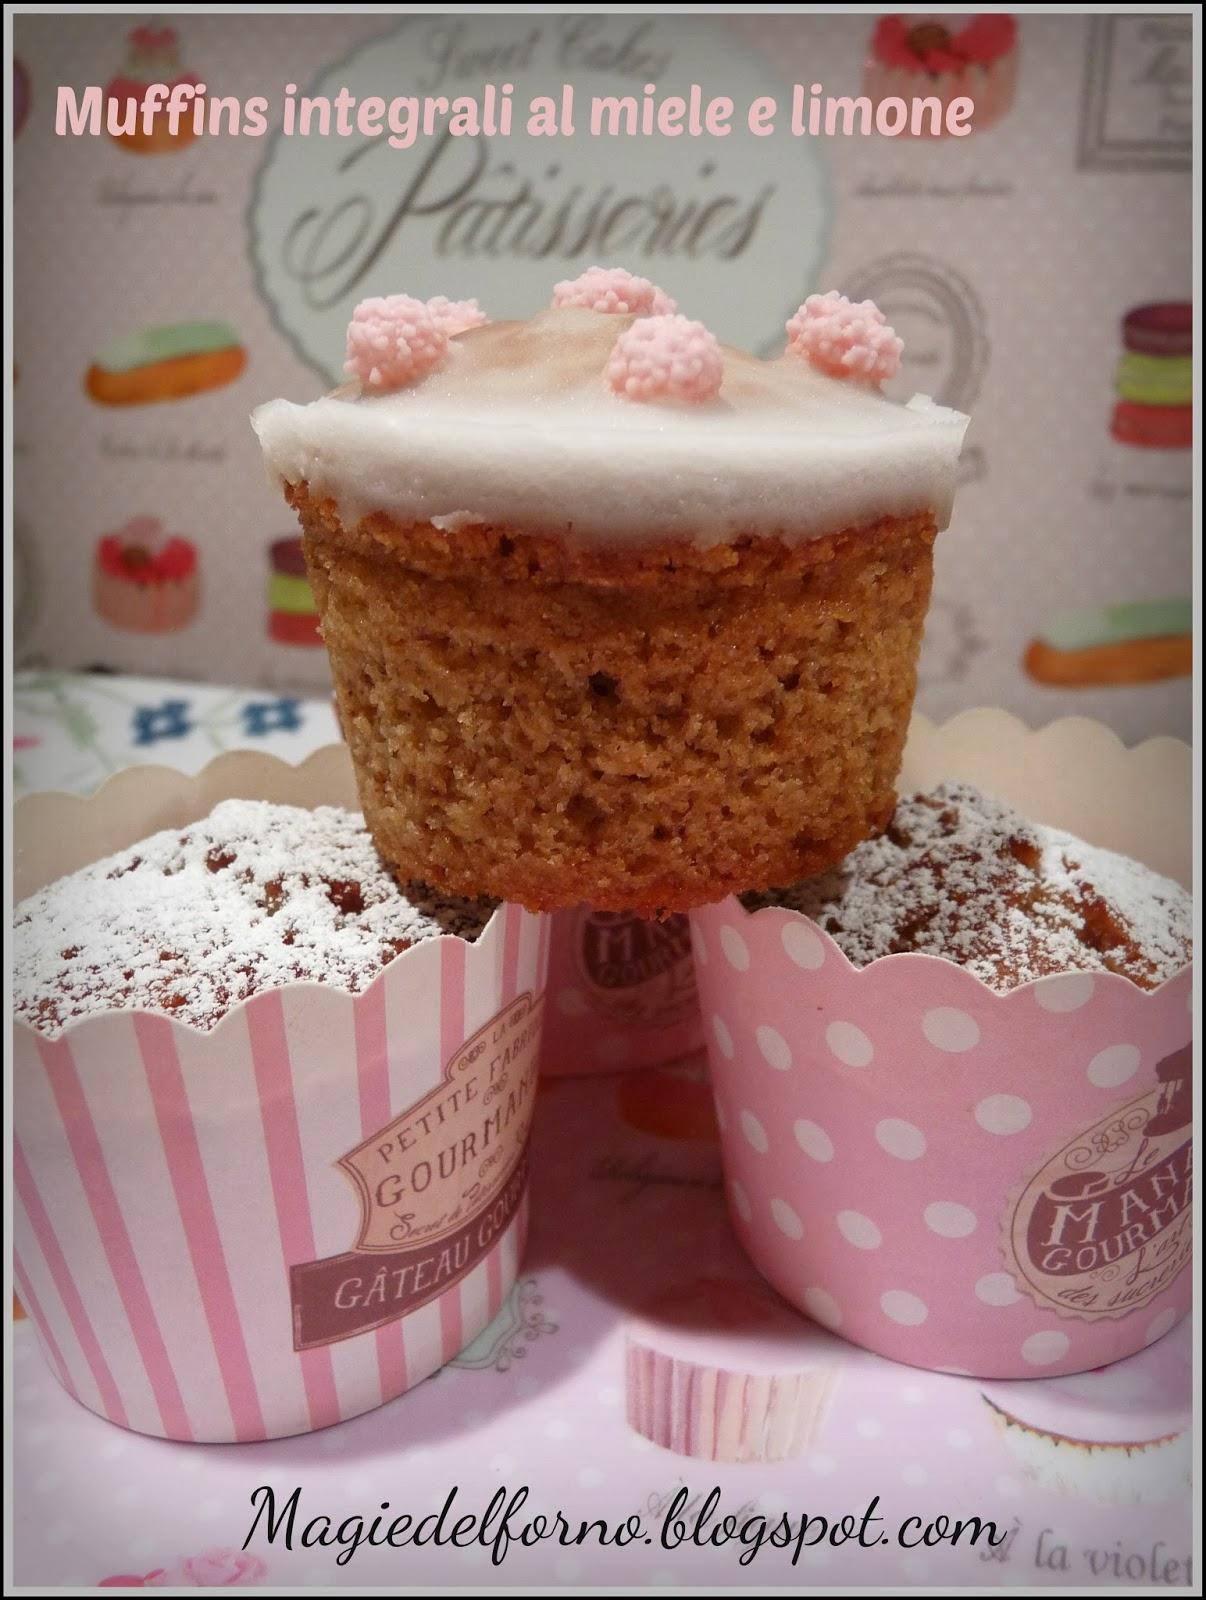 muffins integrali al miele e limone